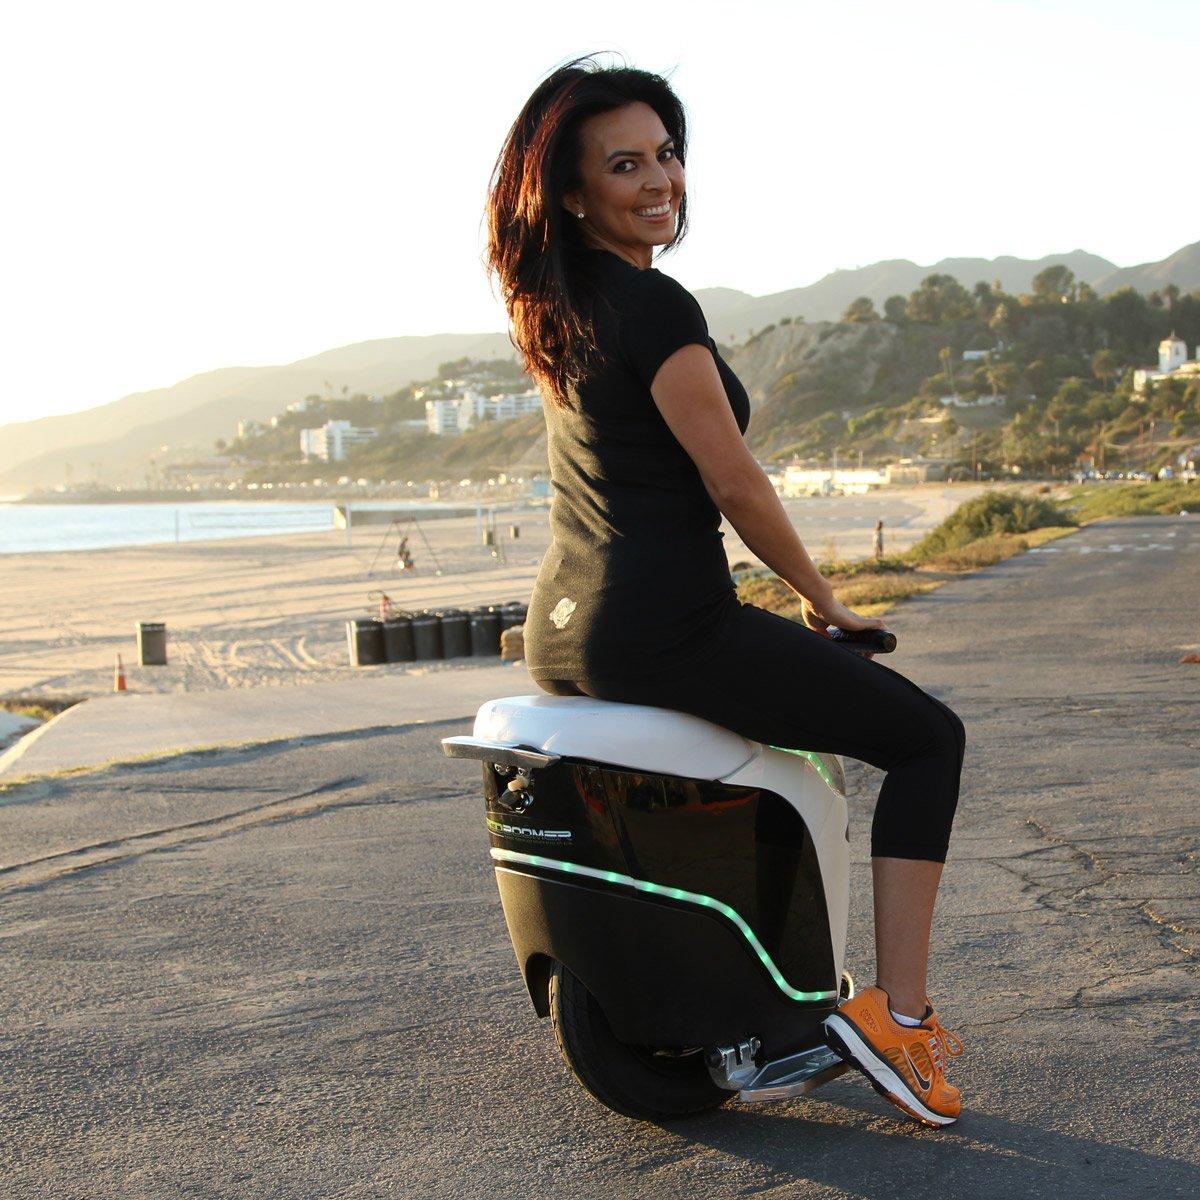 Ecoboomer Igo Self Balancing Electric Unicycle The